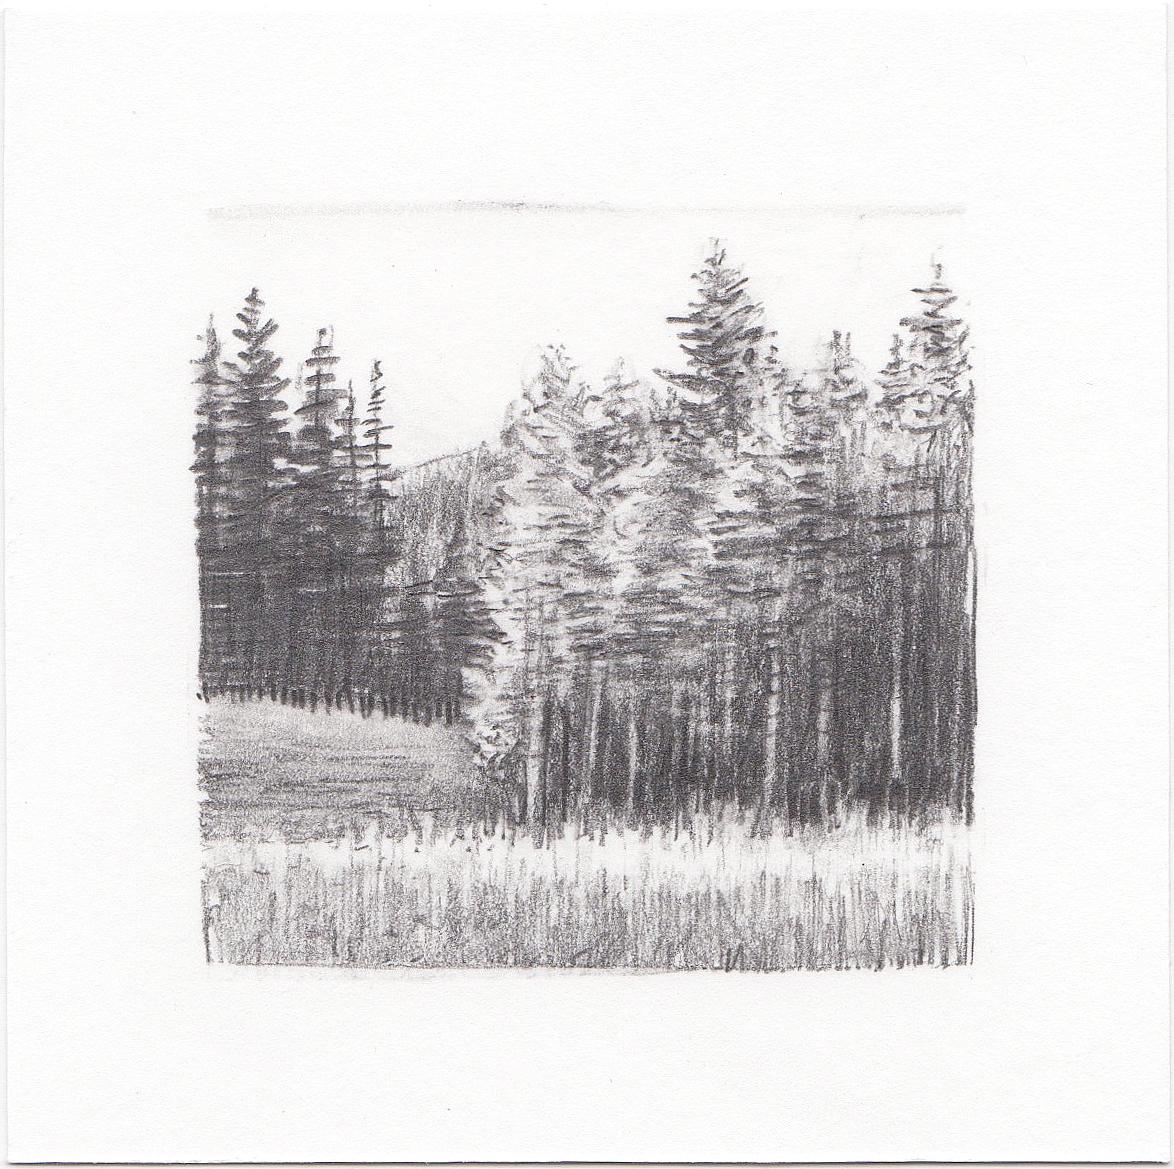 #32 Desolation Lake, Wasatch Mountains, Utah | 3x3 | graphite